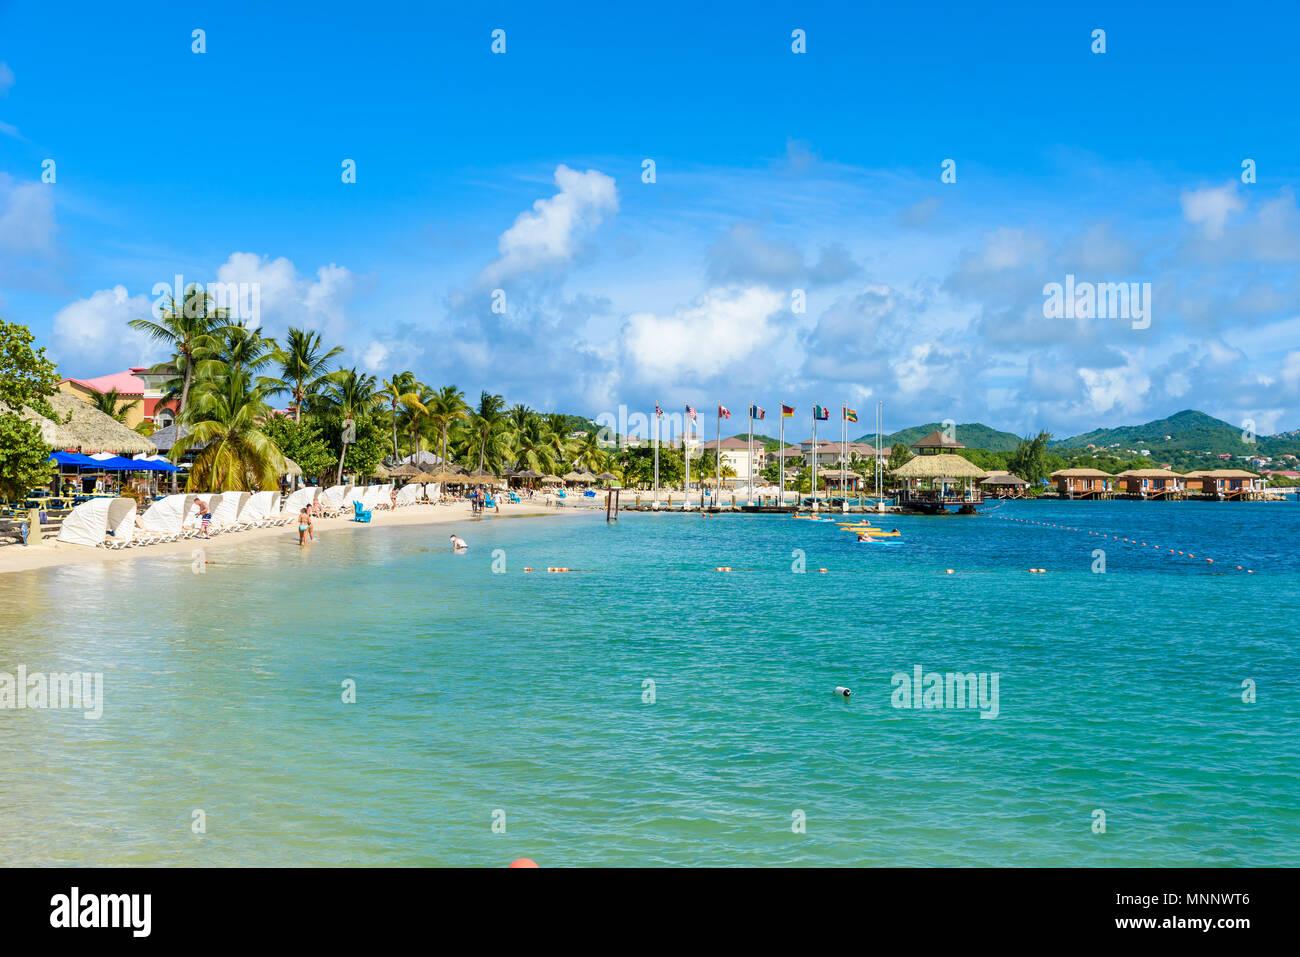 Plage de l'île Pigeon - la côte tropical sur l'île caribéenne de Sainte-Lucie. C'est une destination paradisiaque avec une plage de sable blanc et mer turquoiuse. Photo Stock